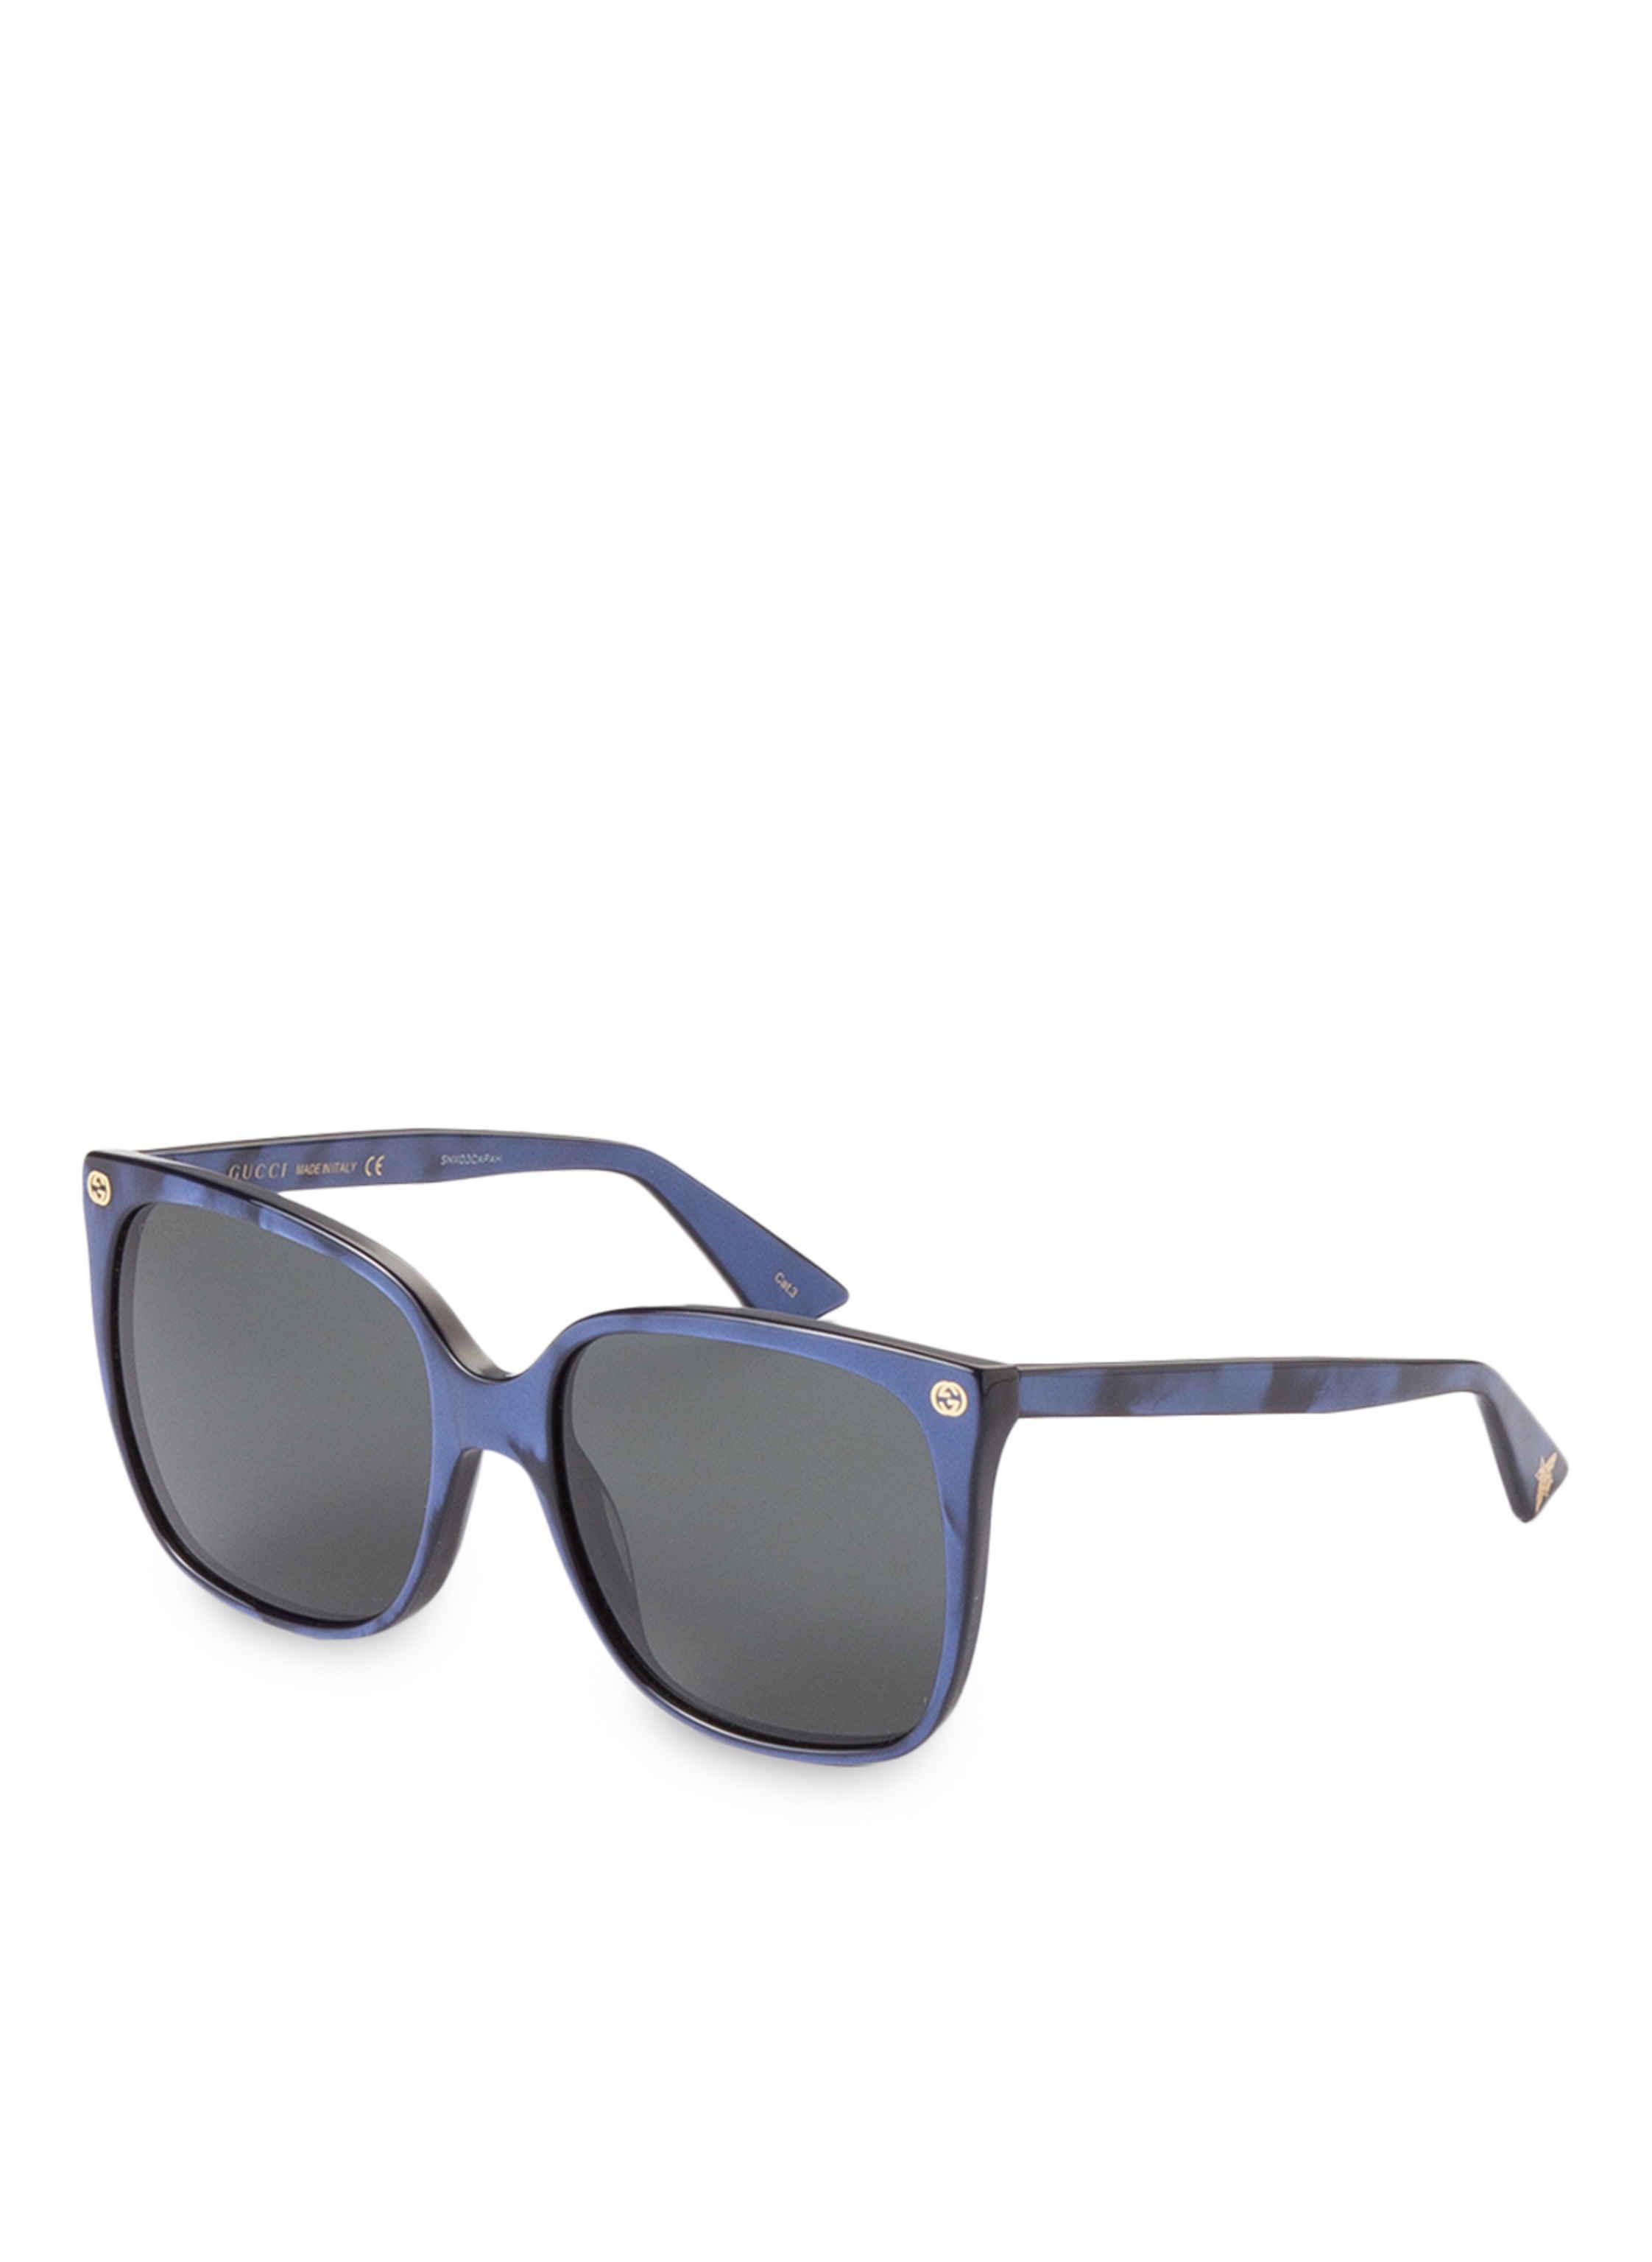 Sonnenbrille GG0022S von GUCCI bei Breuninger kaufen